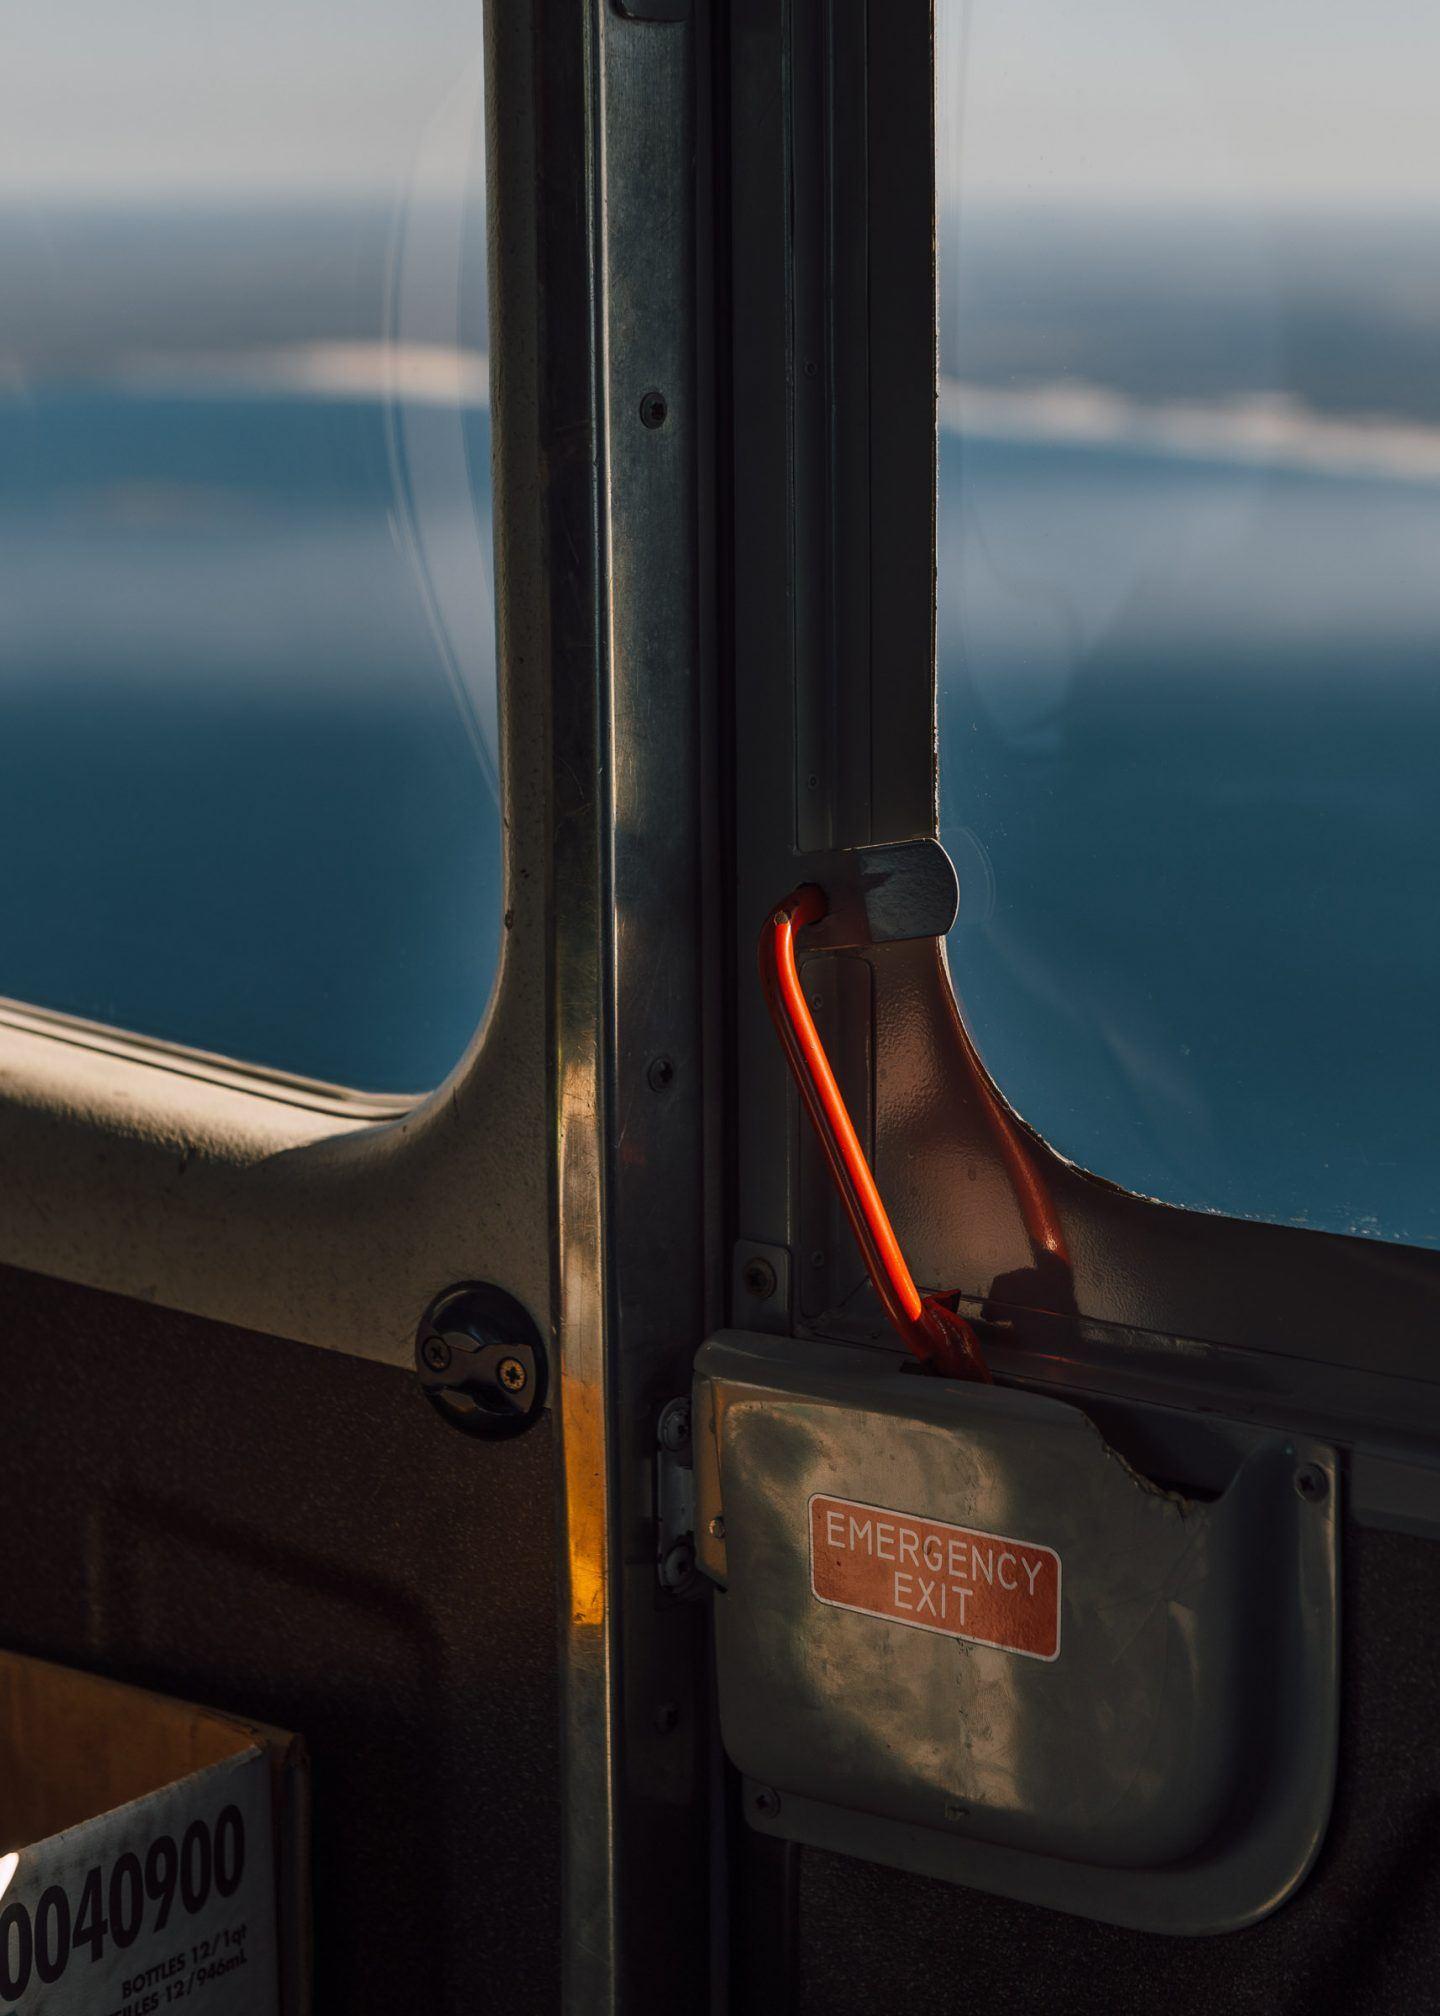 IGNANT-Photography-Daniel-Mueller-Strange-Bloke-13